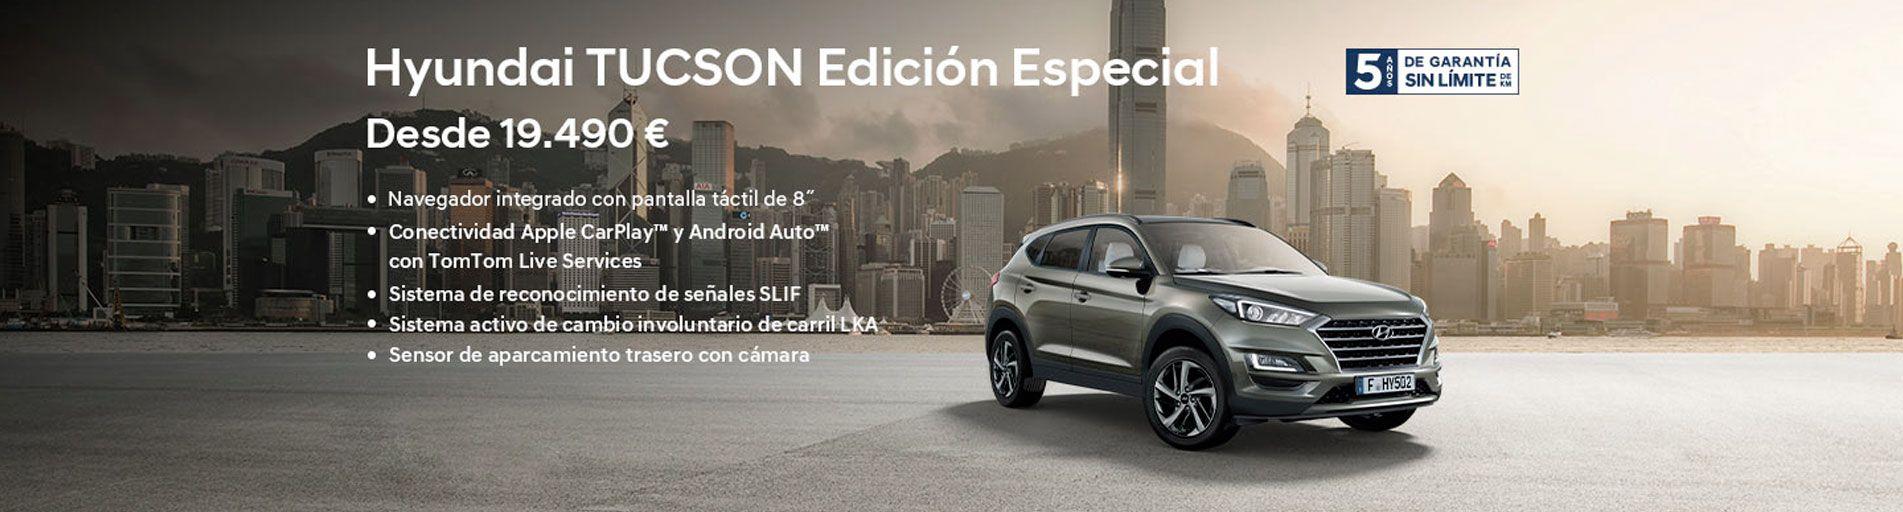 TUSCON EDICIÓN ESPECIAL